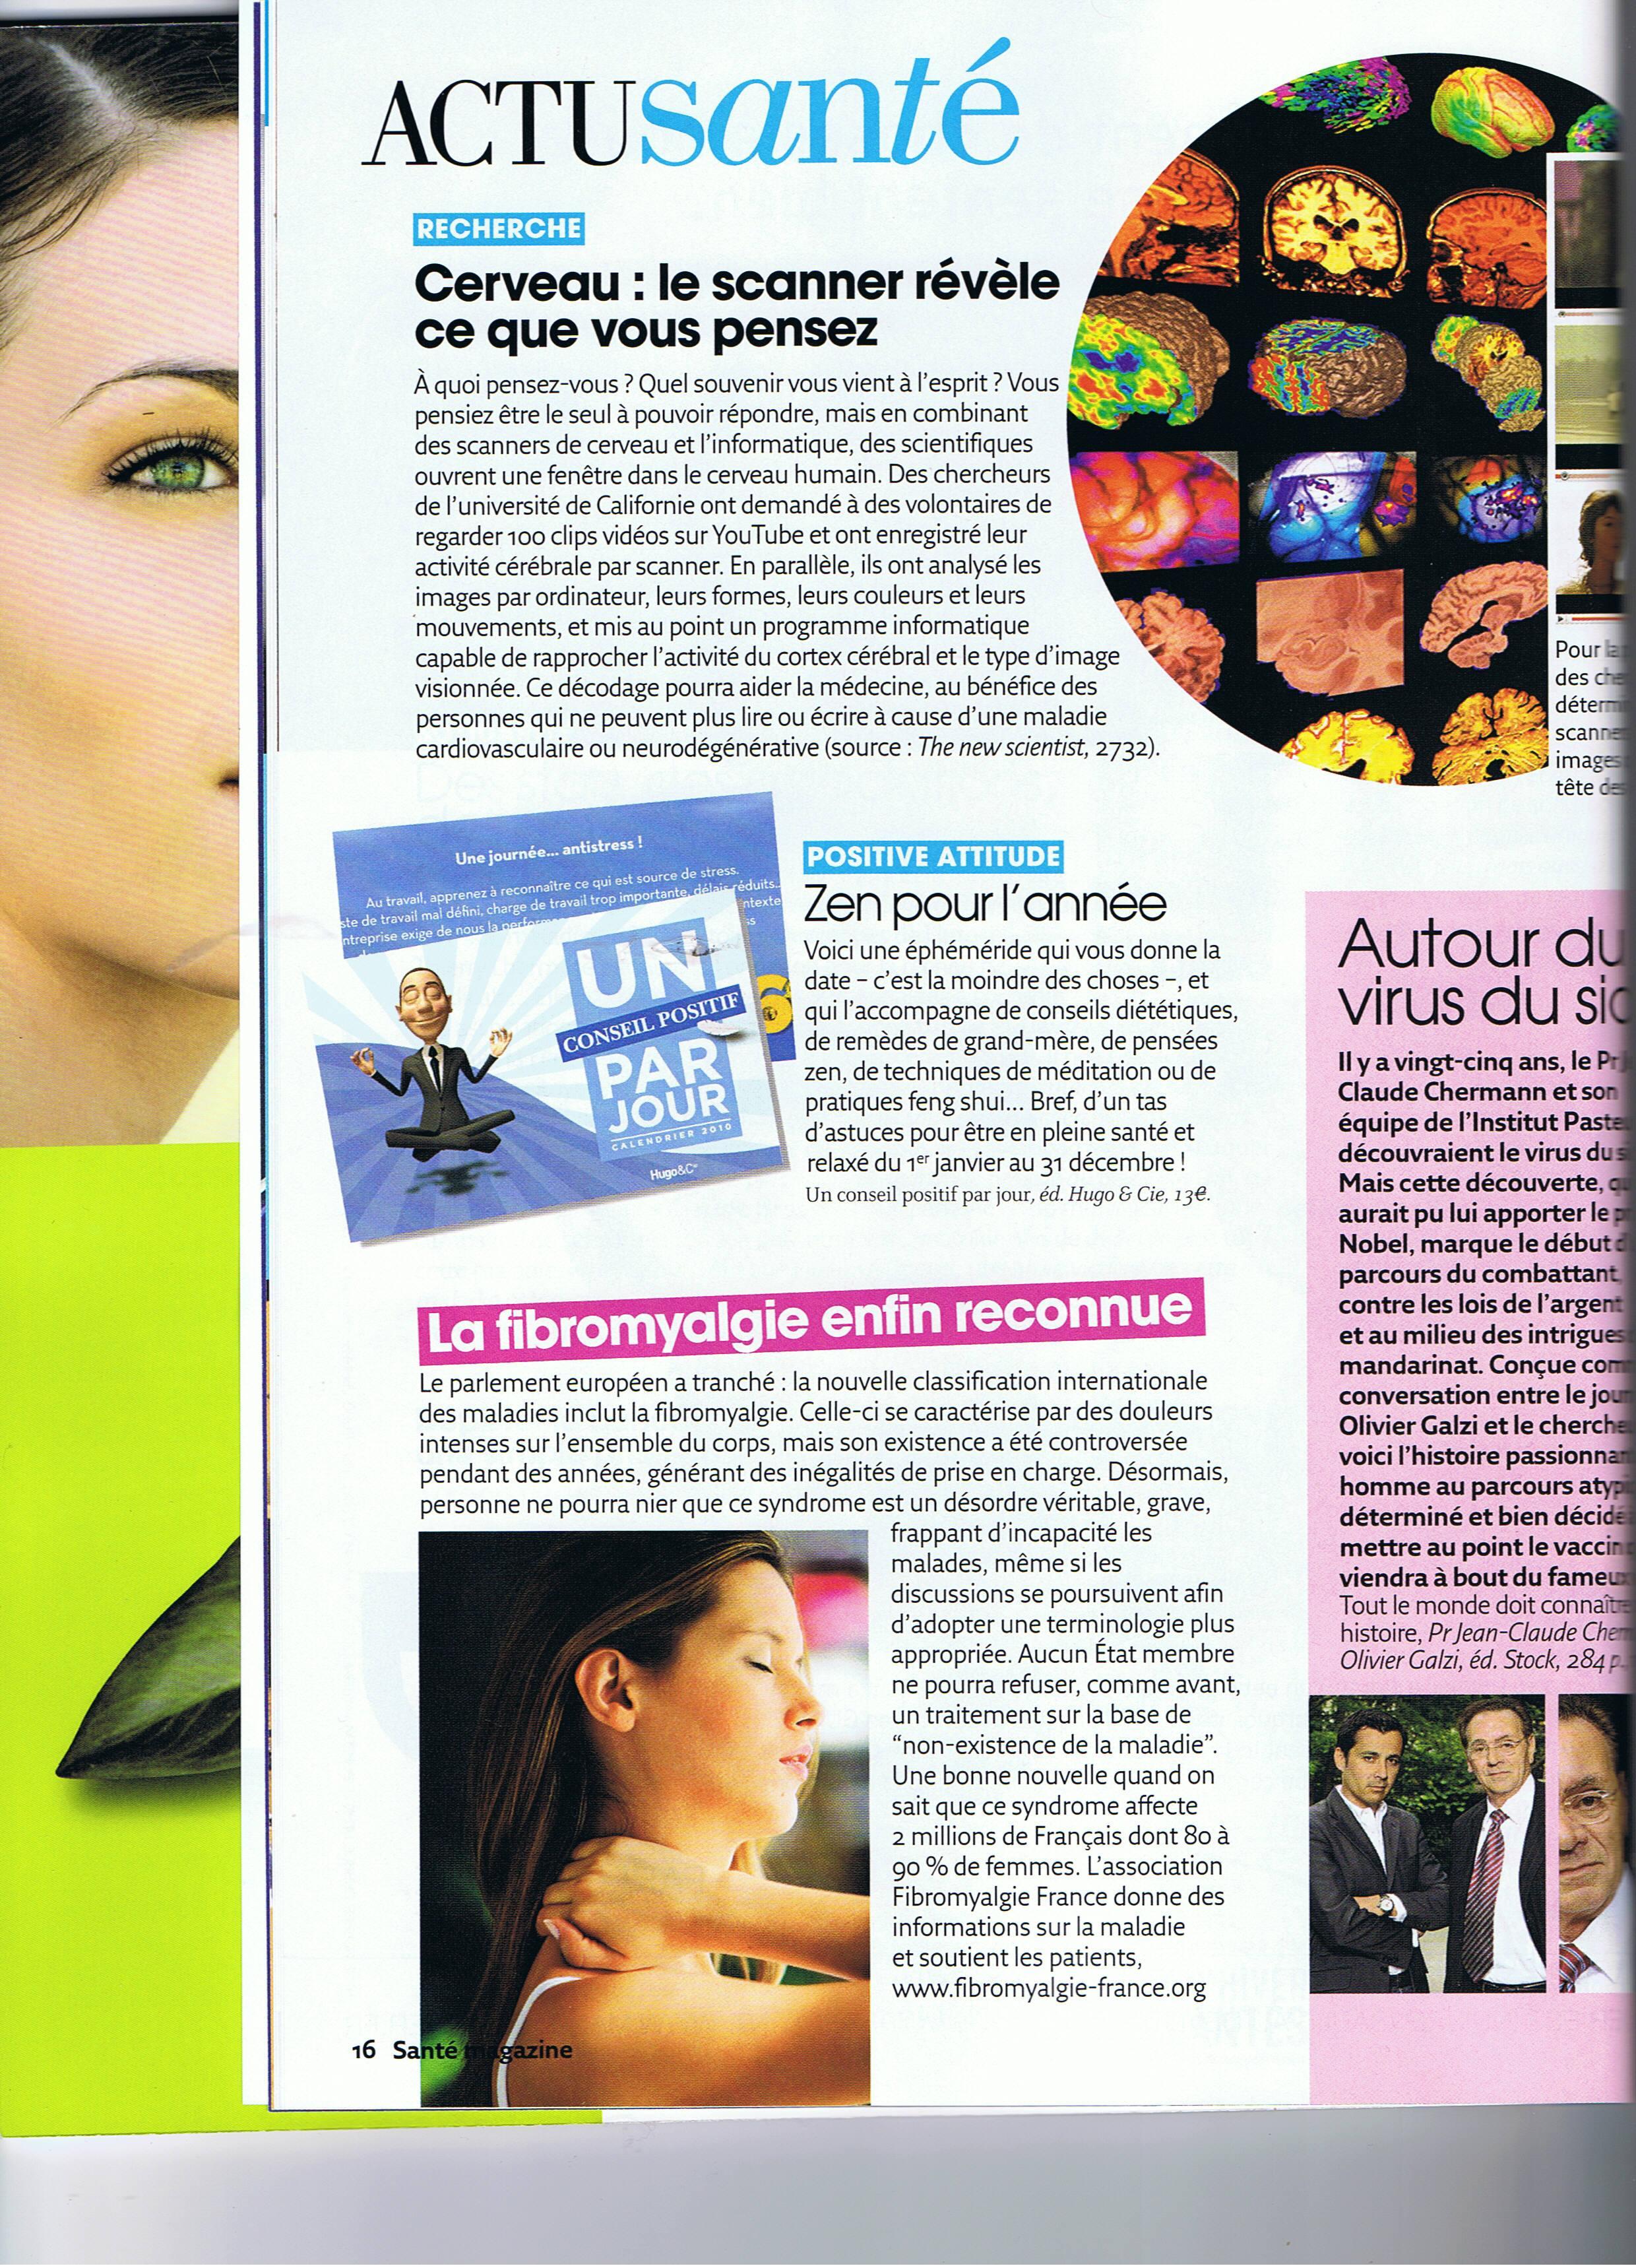 article de sante magazine de décembre 2009